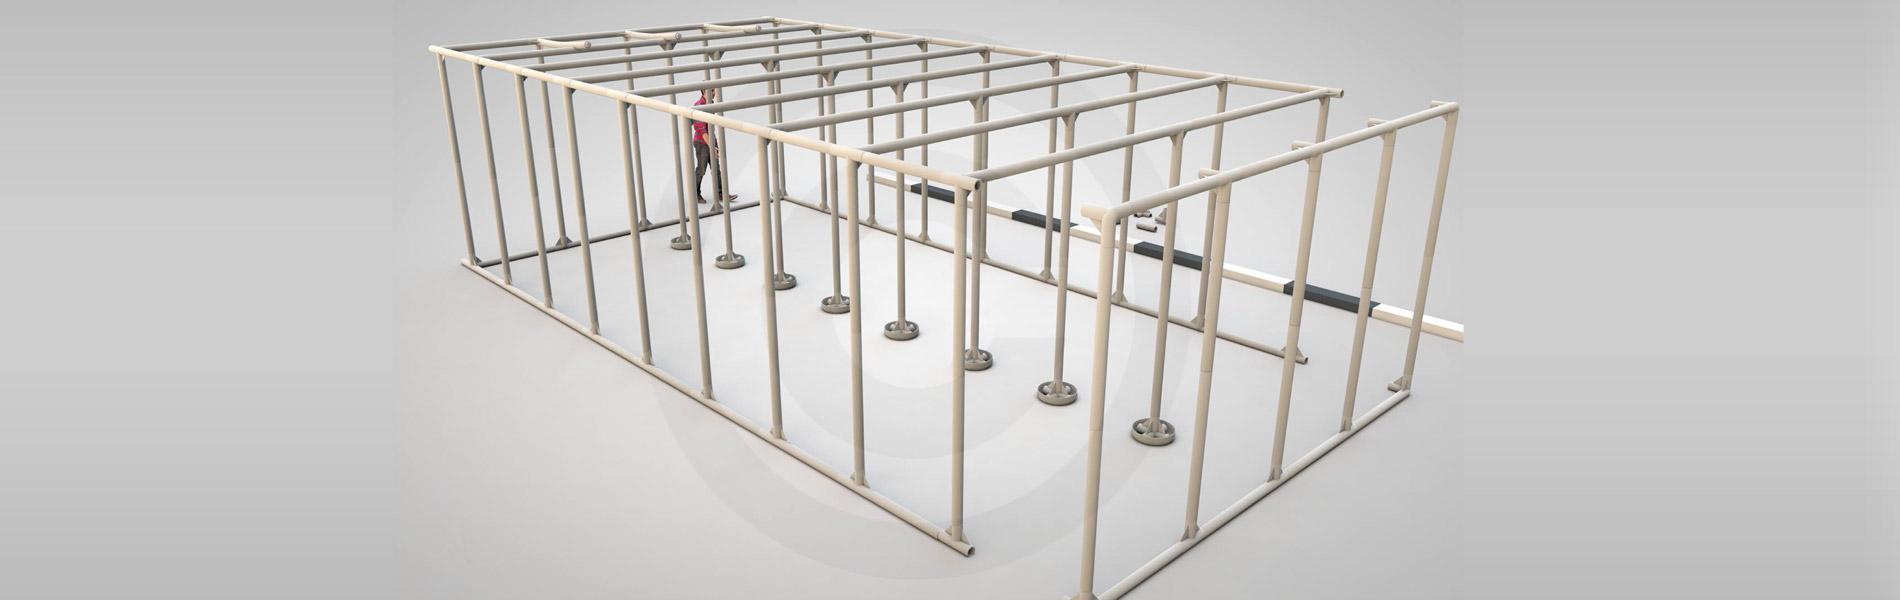 3D-tent01-OCR